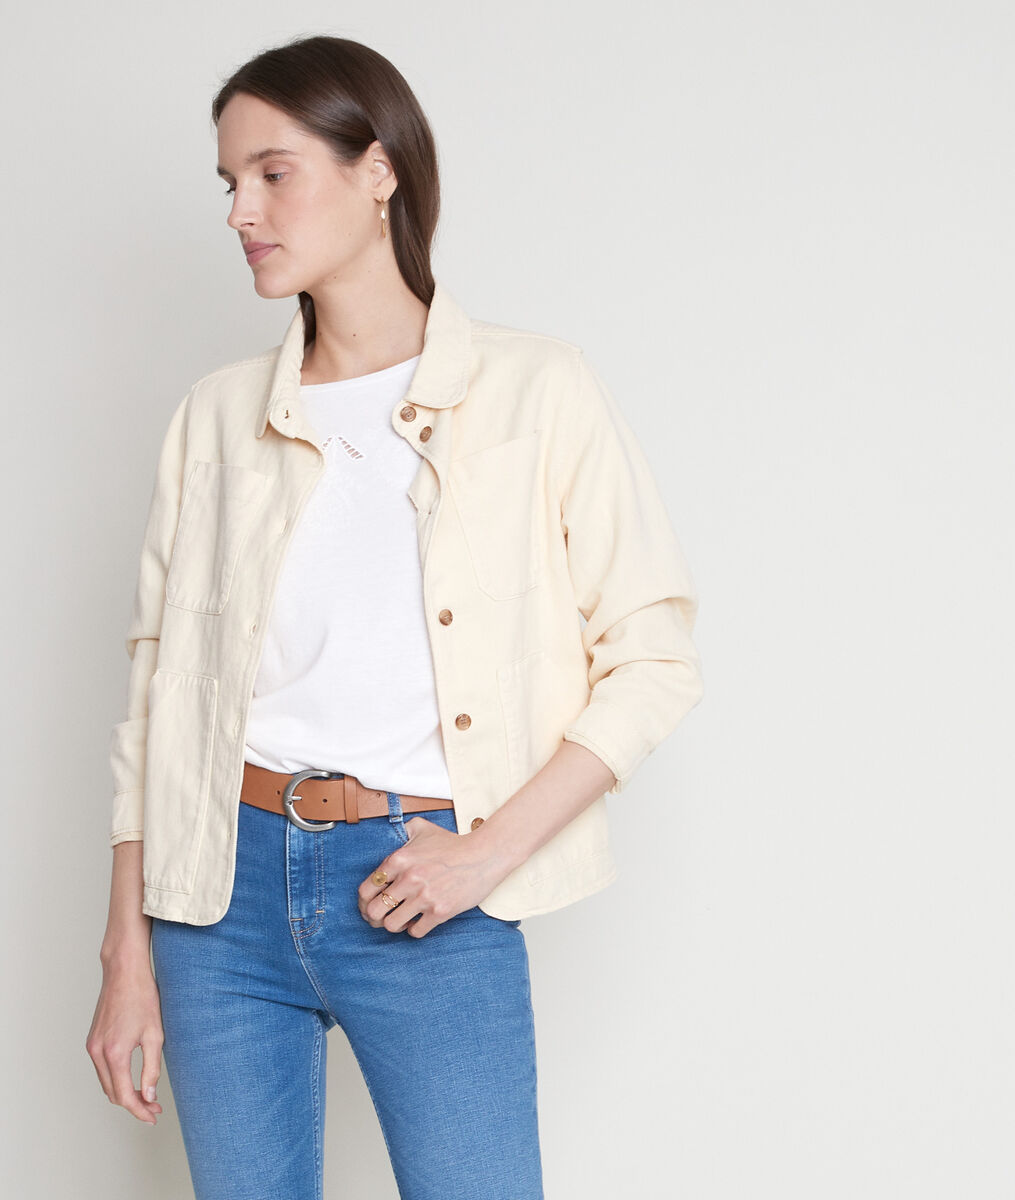 Wit geborduurd shirt van katoen en modaal Eraz PhotoZ   1-2-3